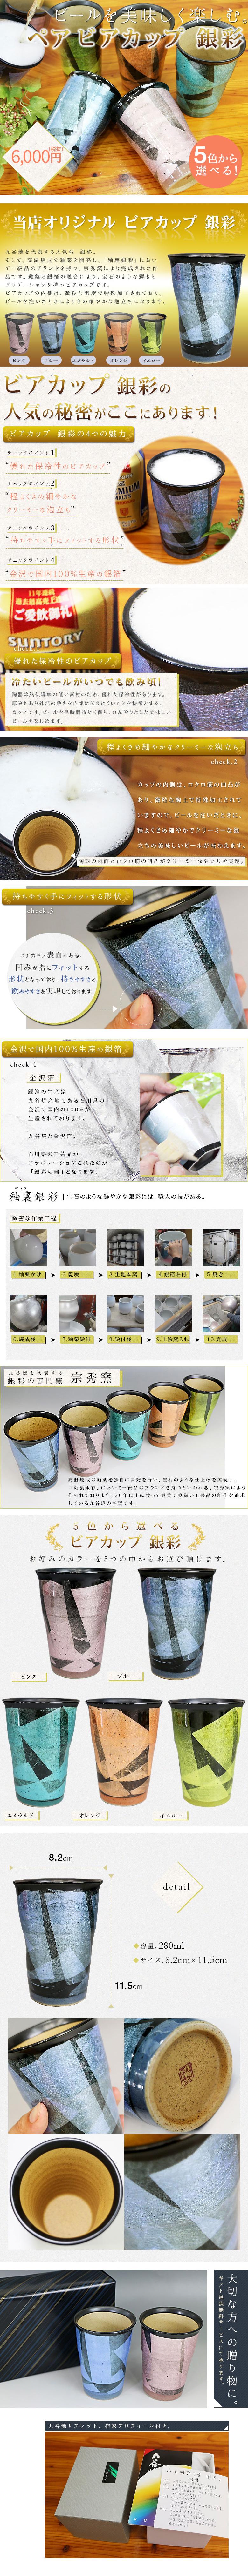 【九谷焼】ペア ビアカップ 銀彩/宗秀窯